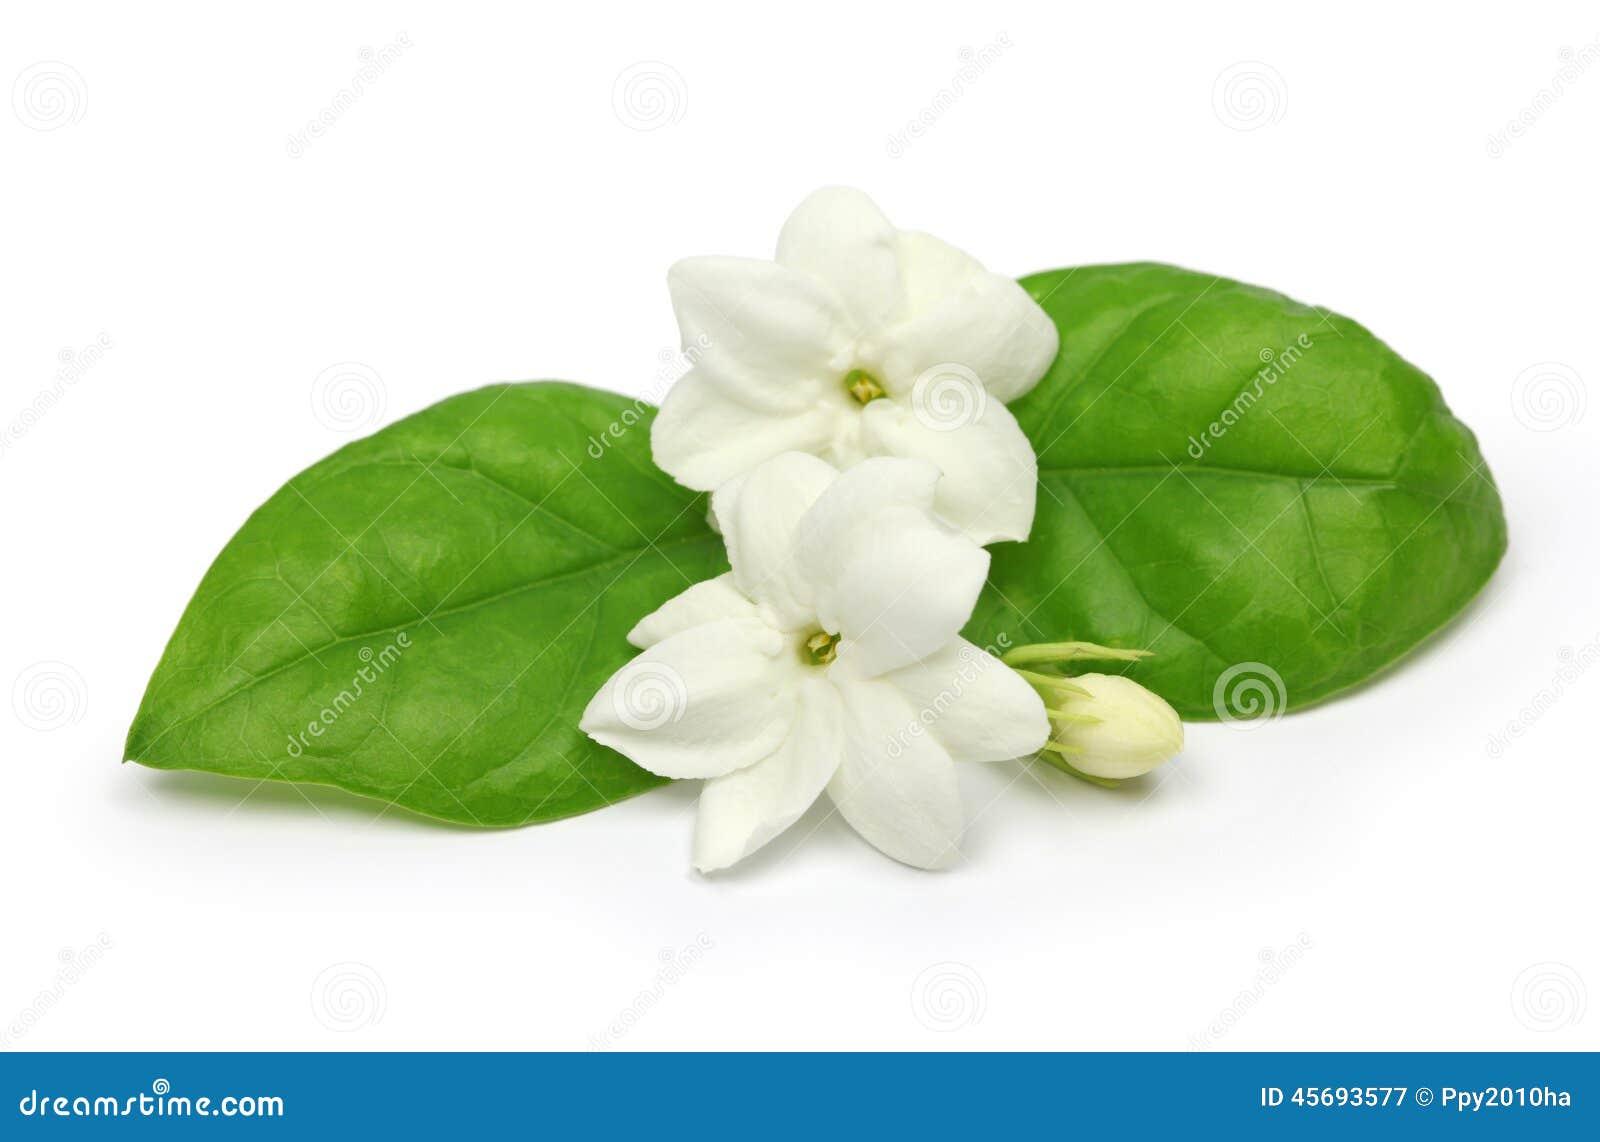 arabian jasmine jasmine tea flower stock image image 45693577. Black Bedroom Furniture Sets. Home Design Ideas